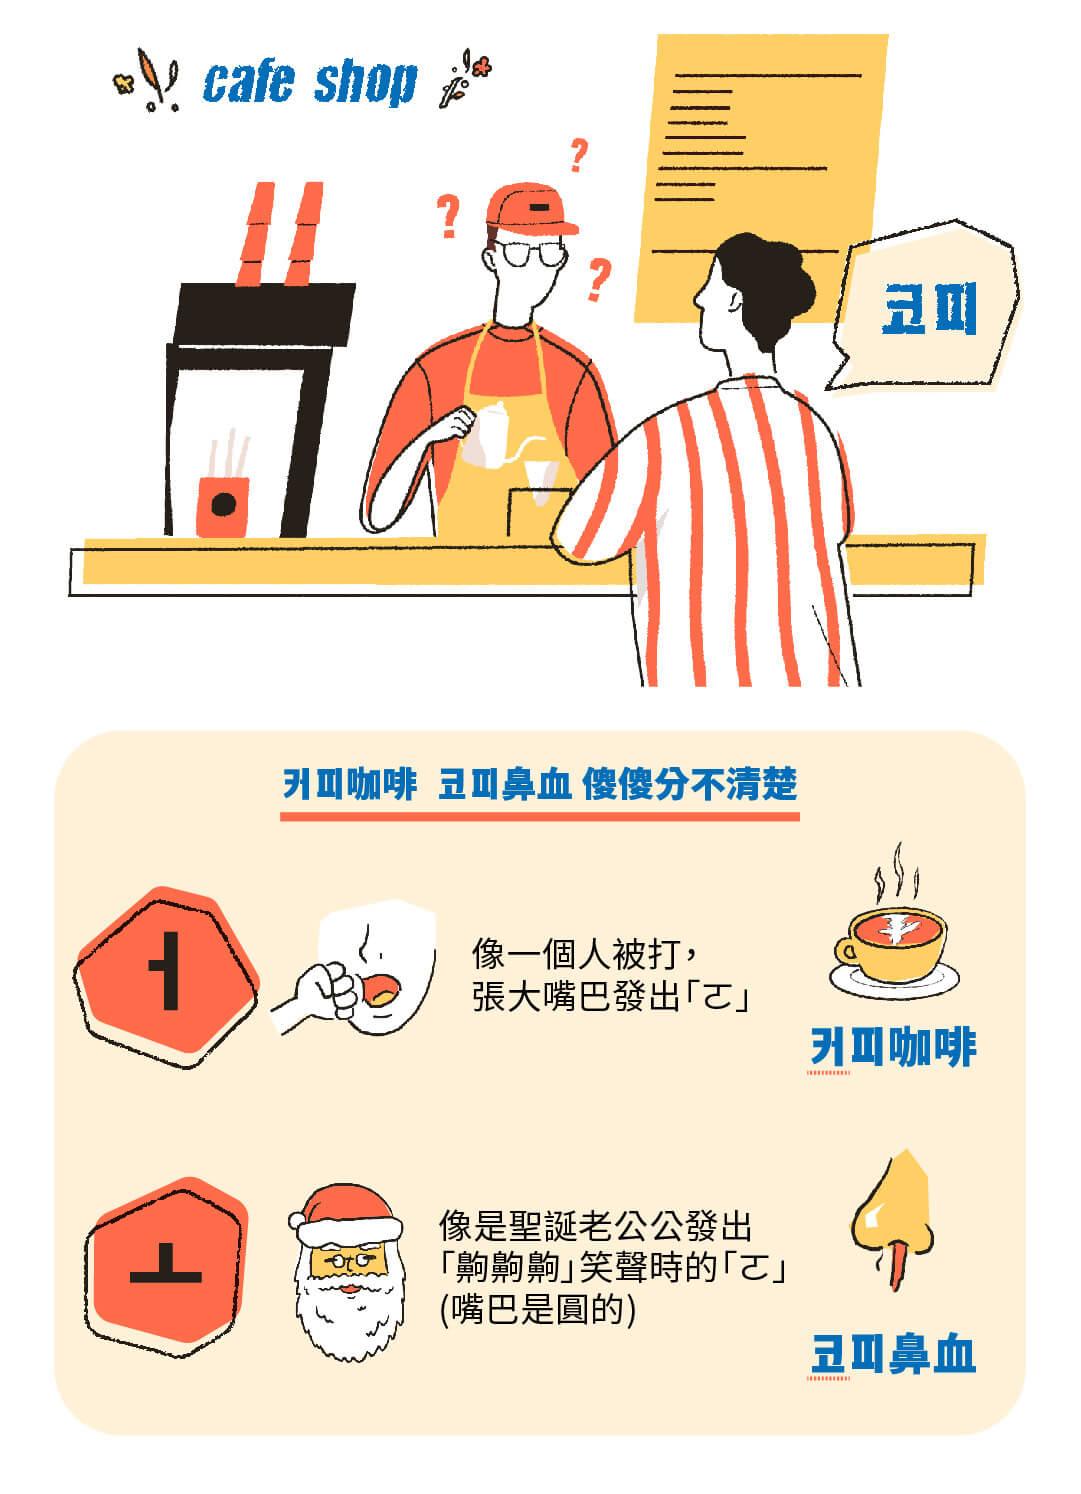 韓文基礎發音課|開口就是溜韓語 - 獨家「比喻學習法」